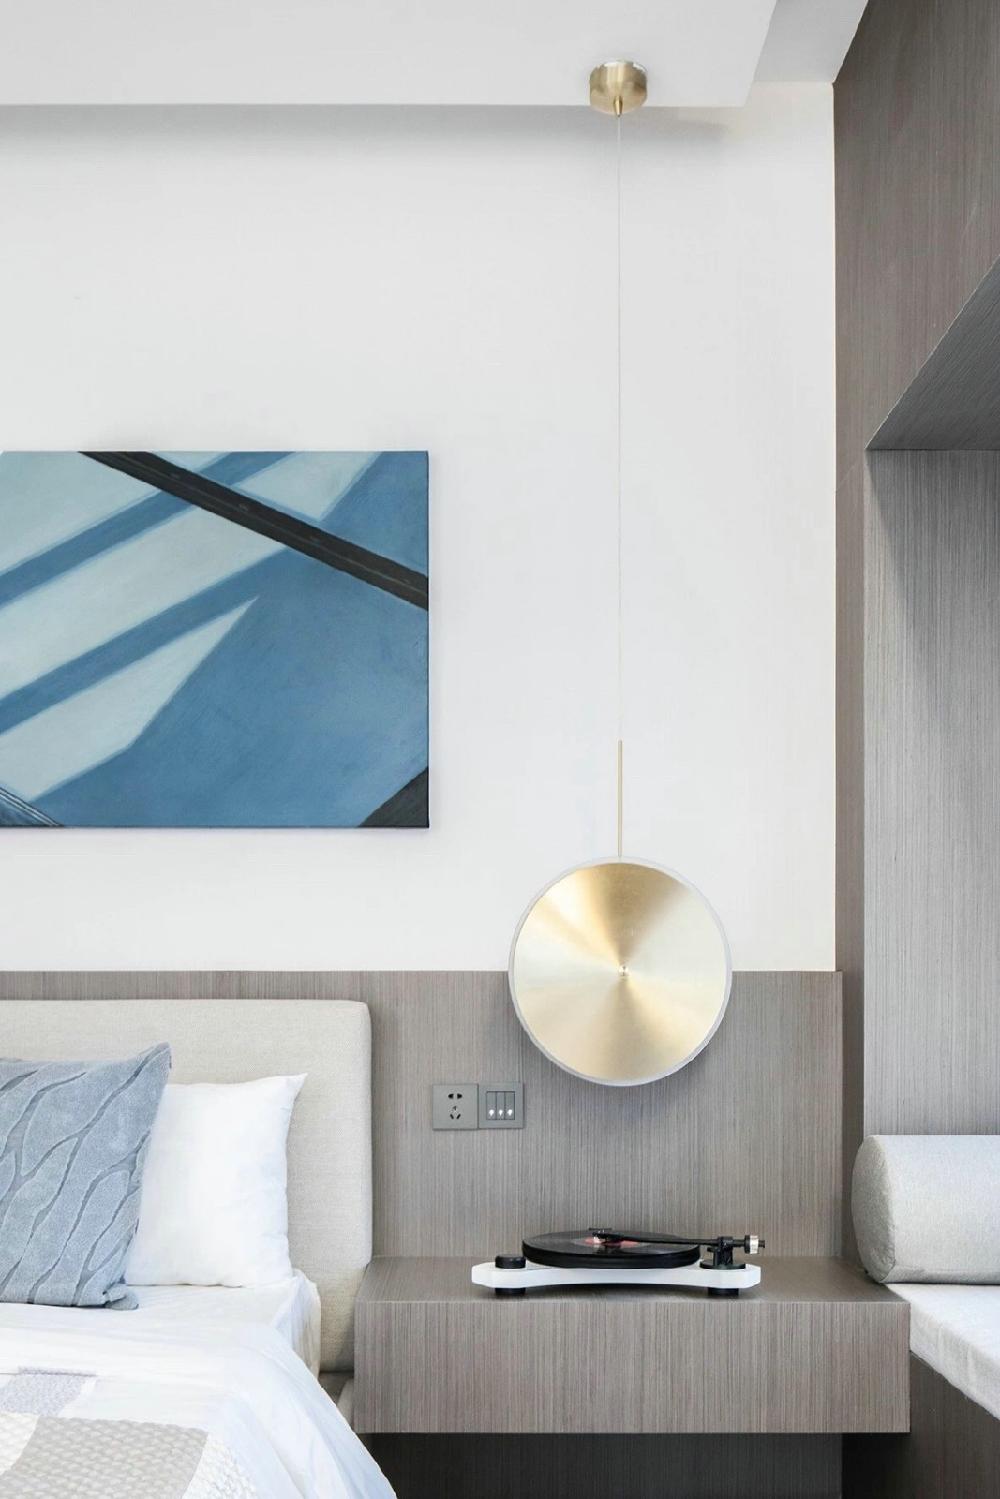 60㎡小公寓戶型現代設計11387131